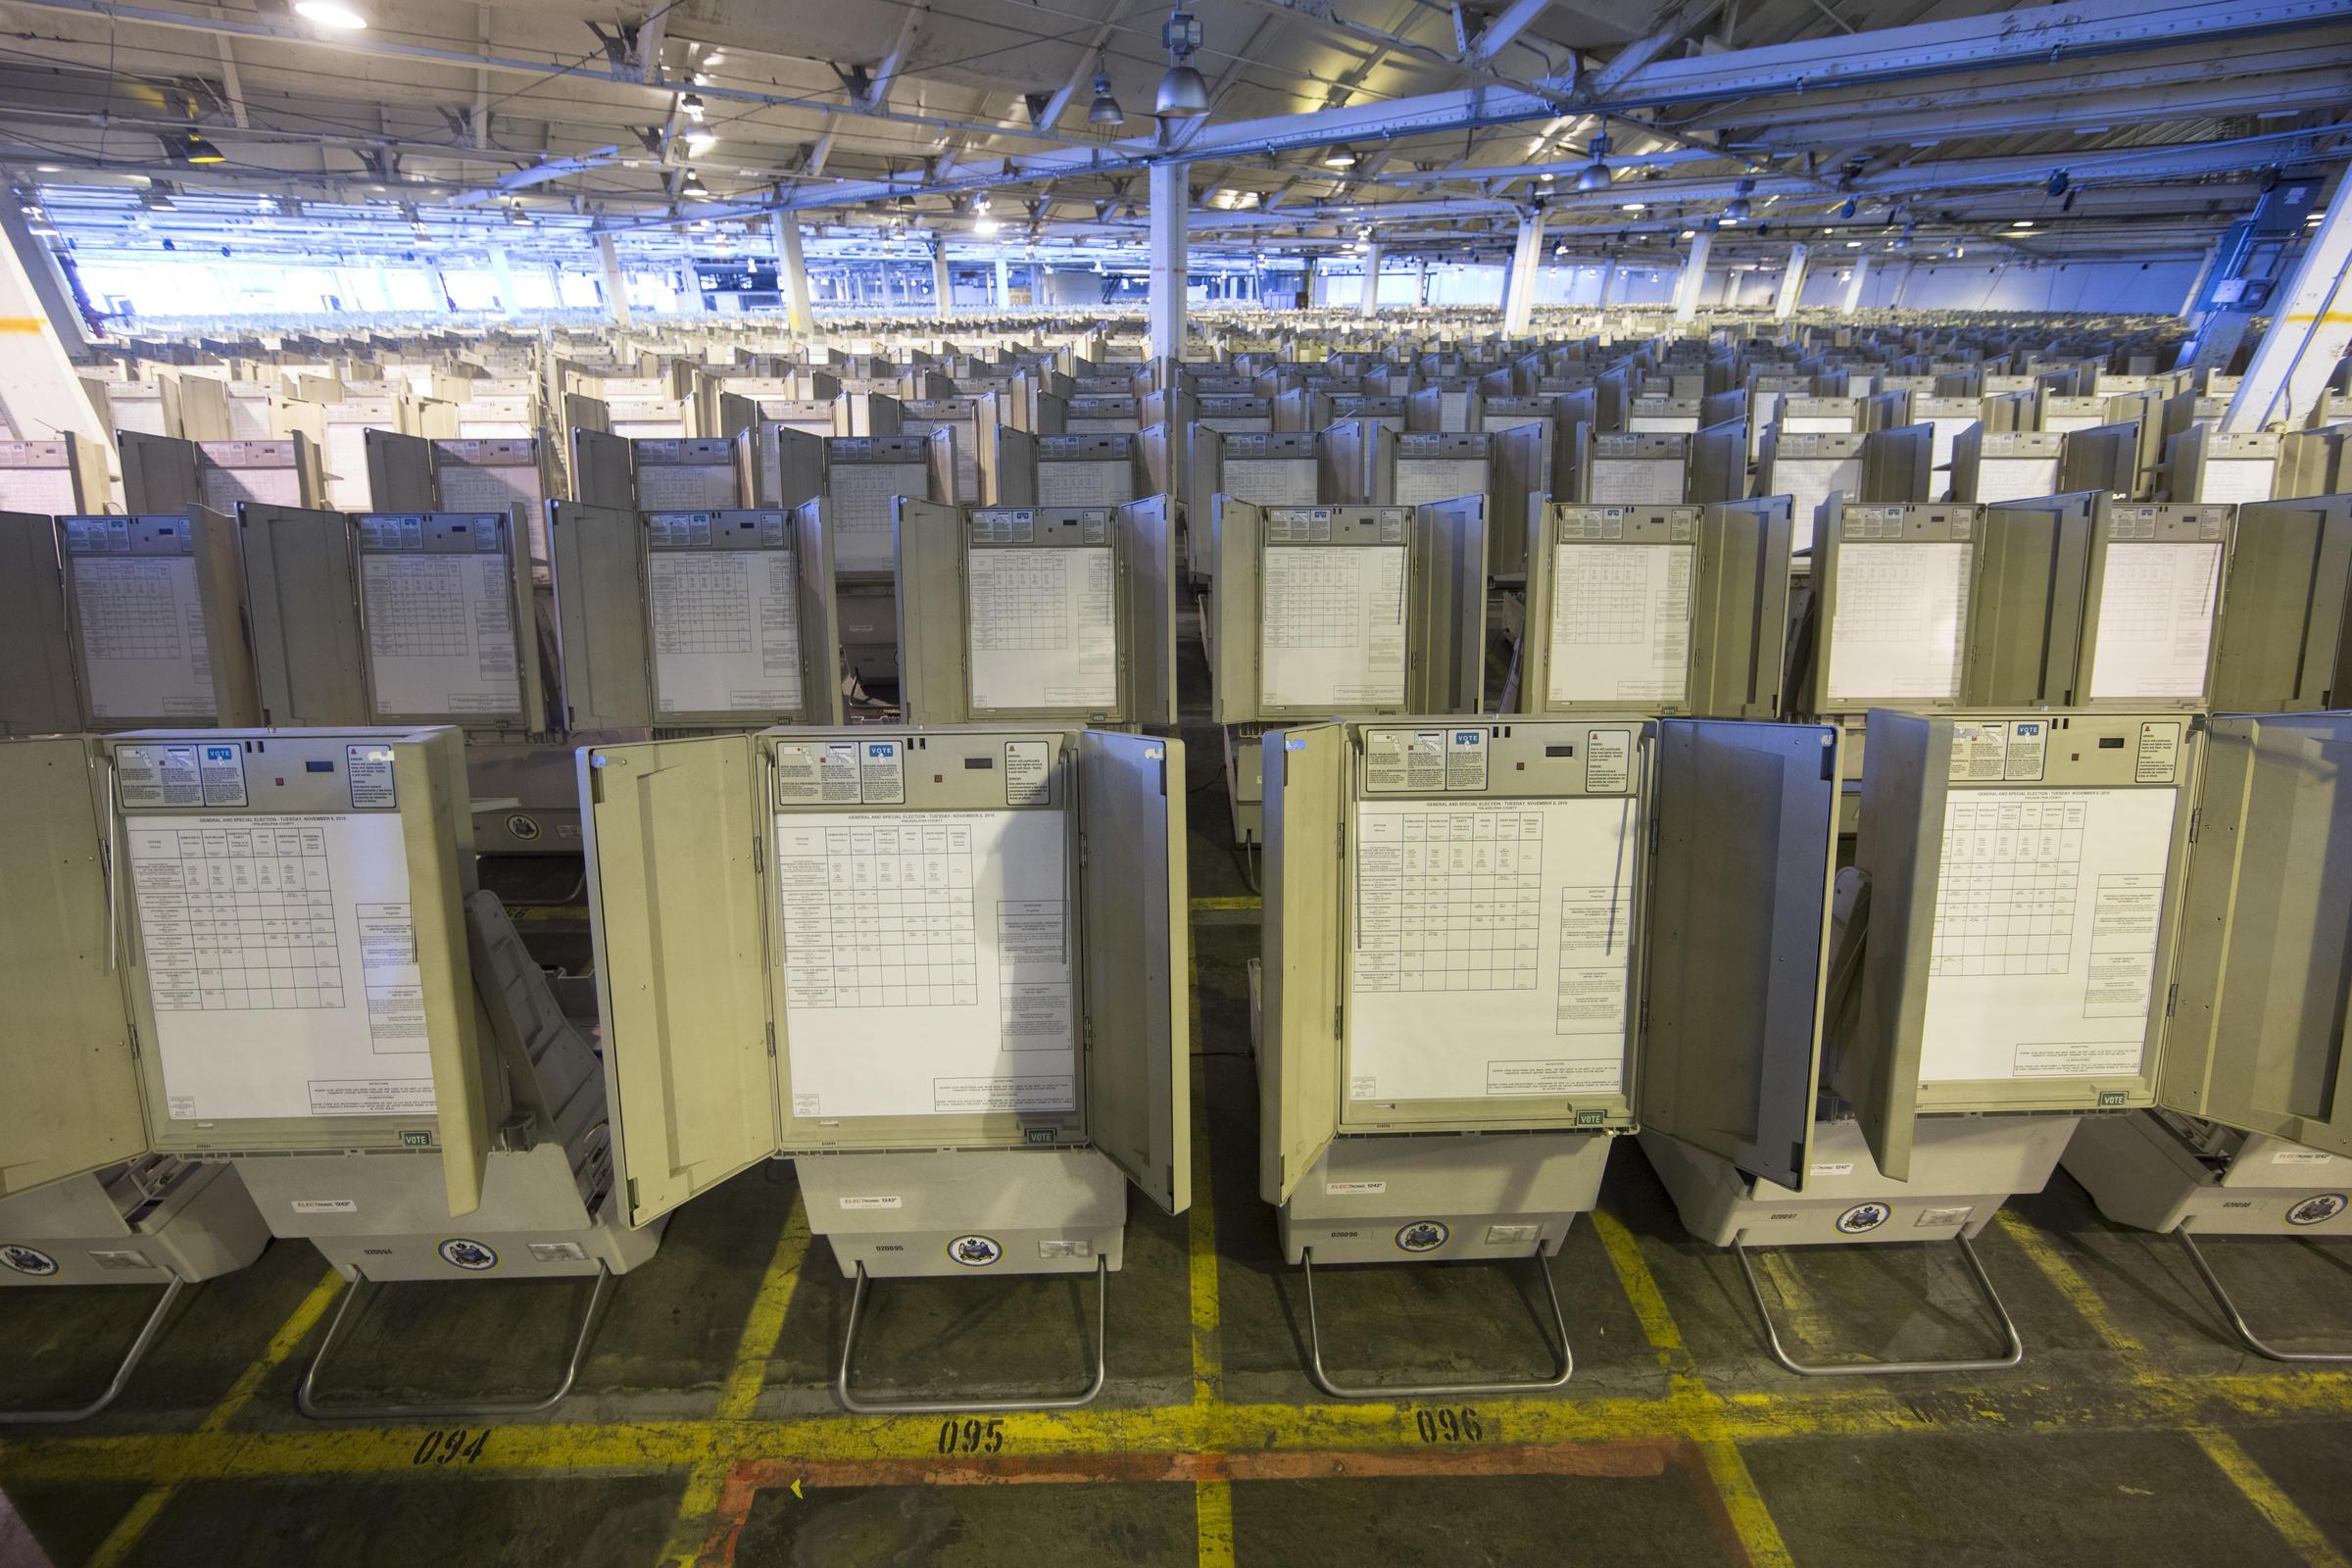 Pennsylvania System Glitch Allowed Non-Citizens to Register to Vote in Philadelphia